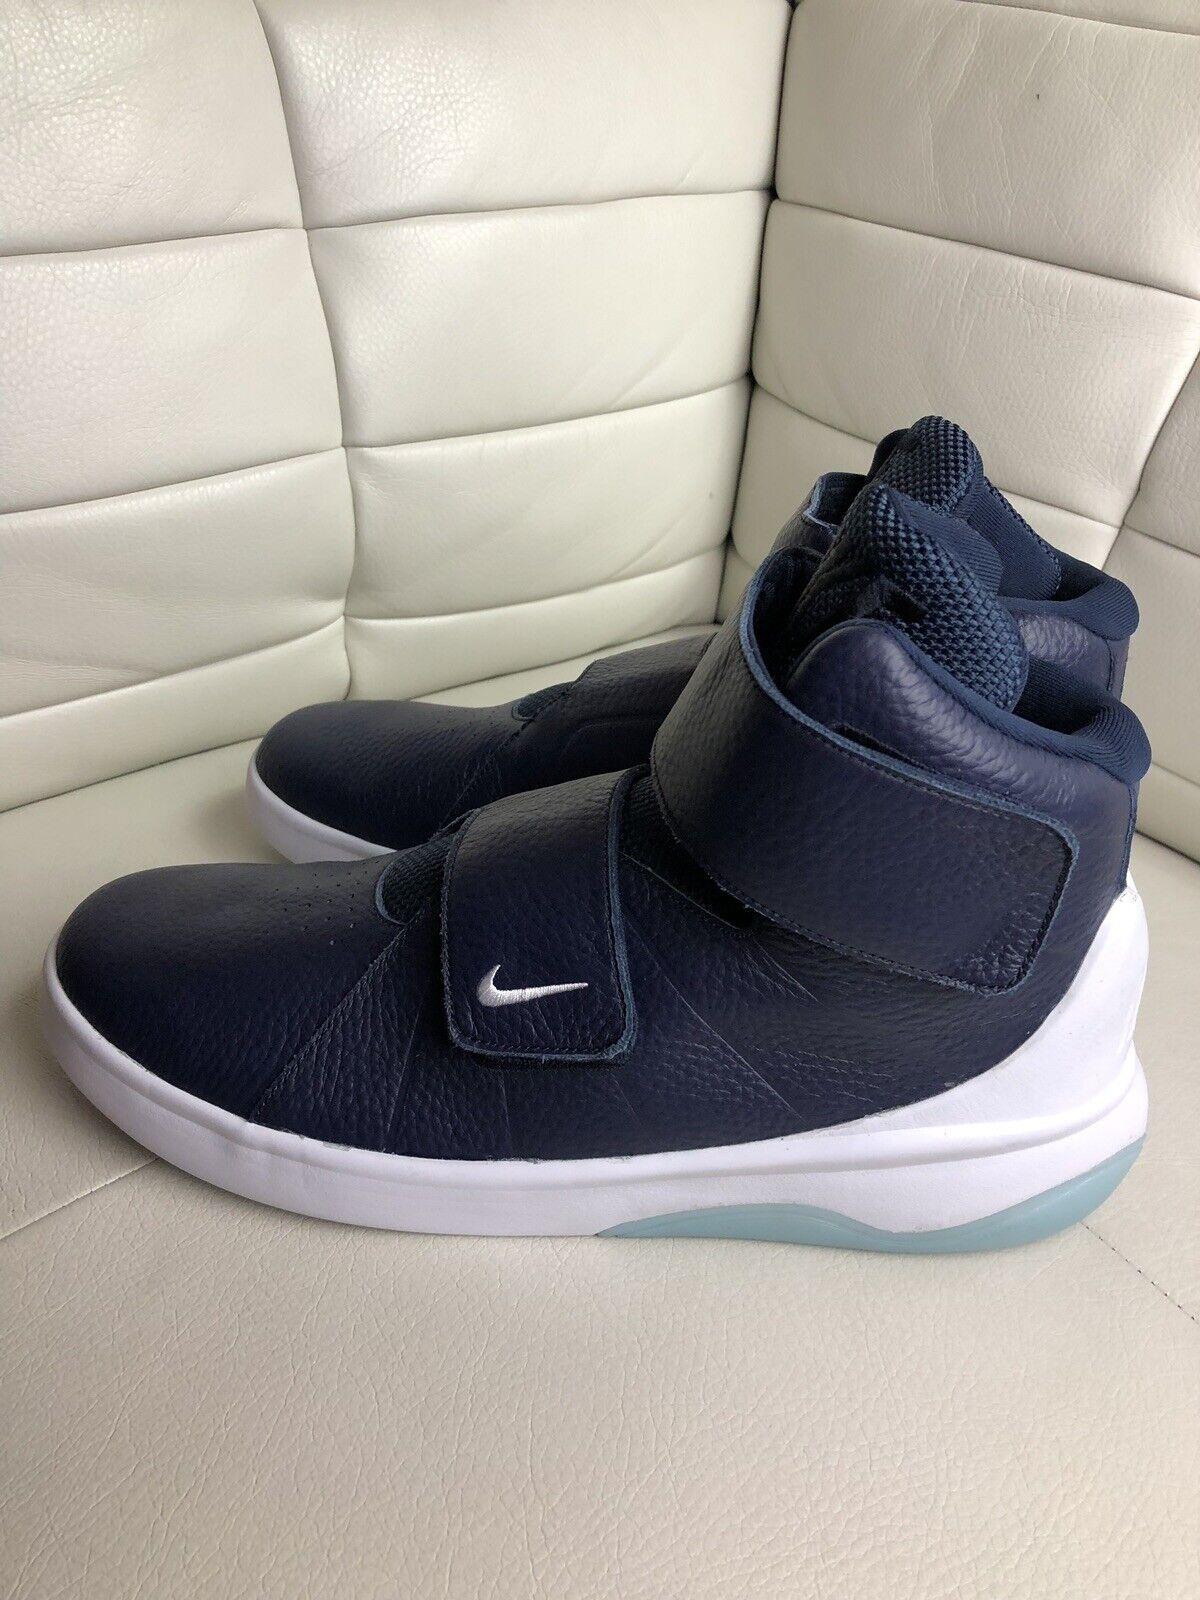 Nike Marxman Premium Navy bluee Size 9